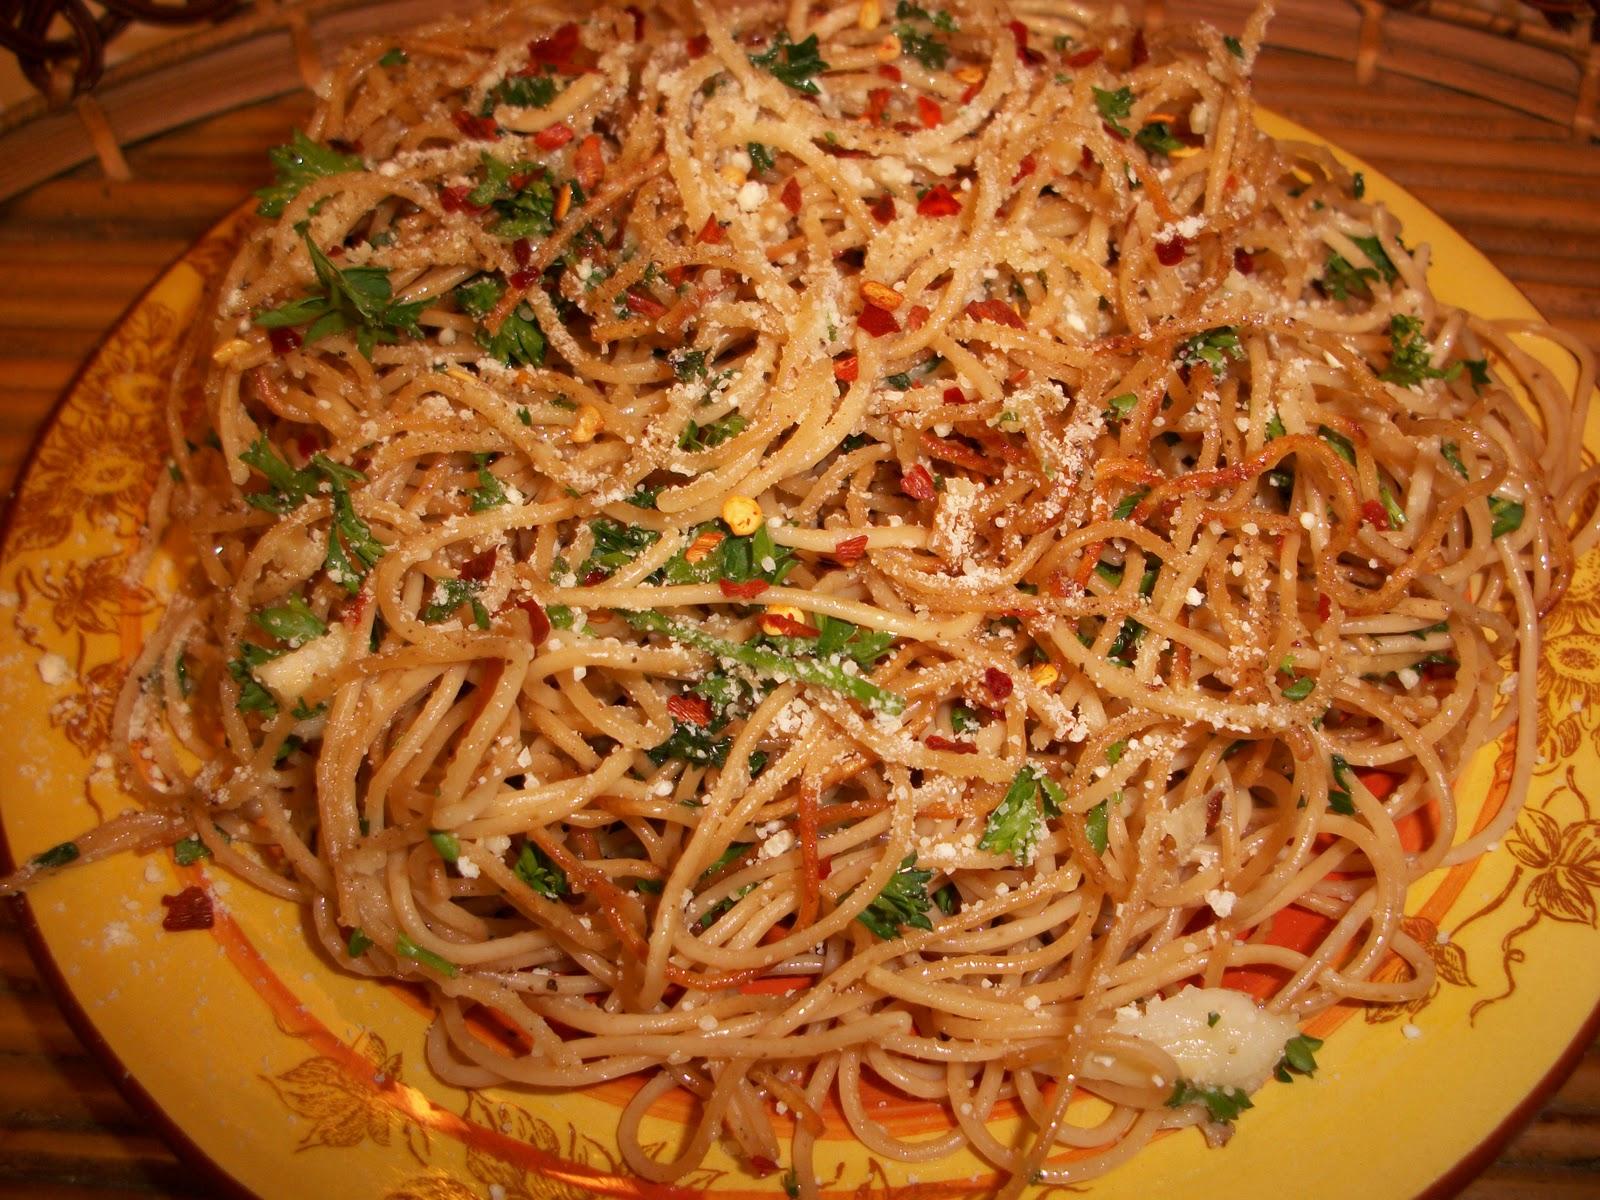 Fried Garlic Spaghetti With Parsley